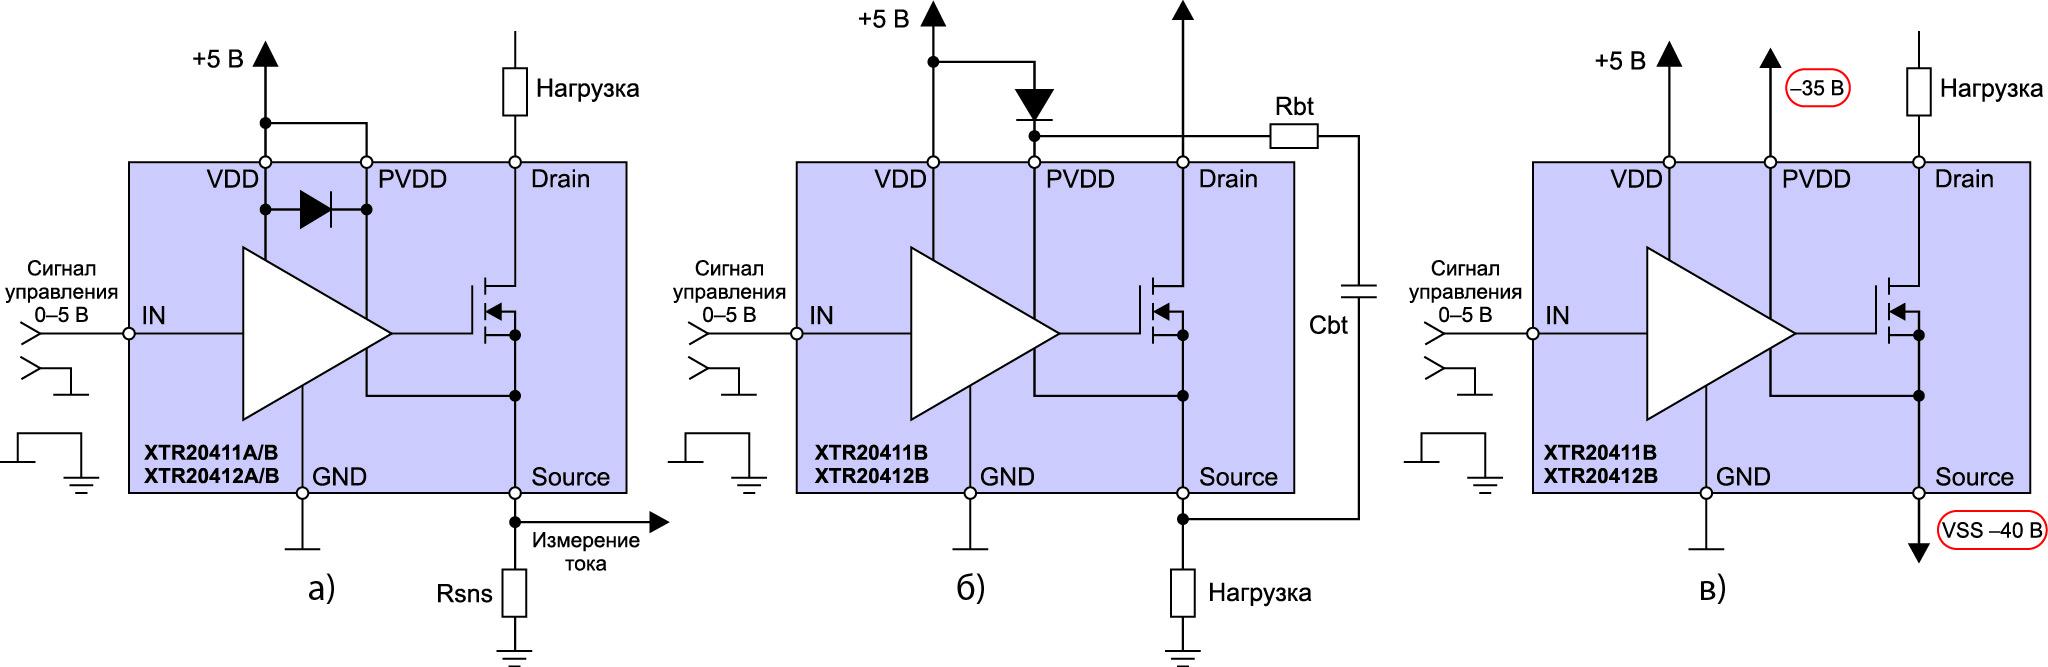 Типовые схемы применения силовых модулей серии XTR2041х